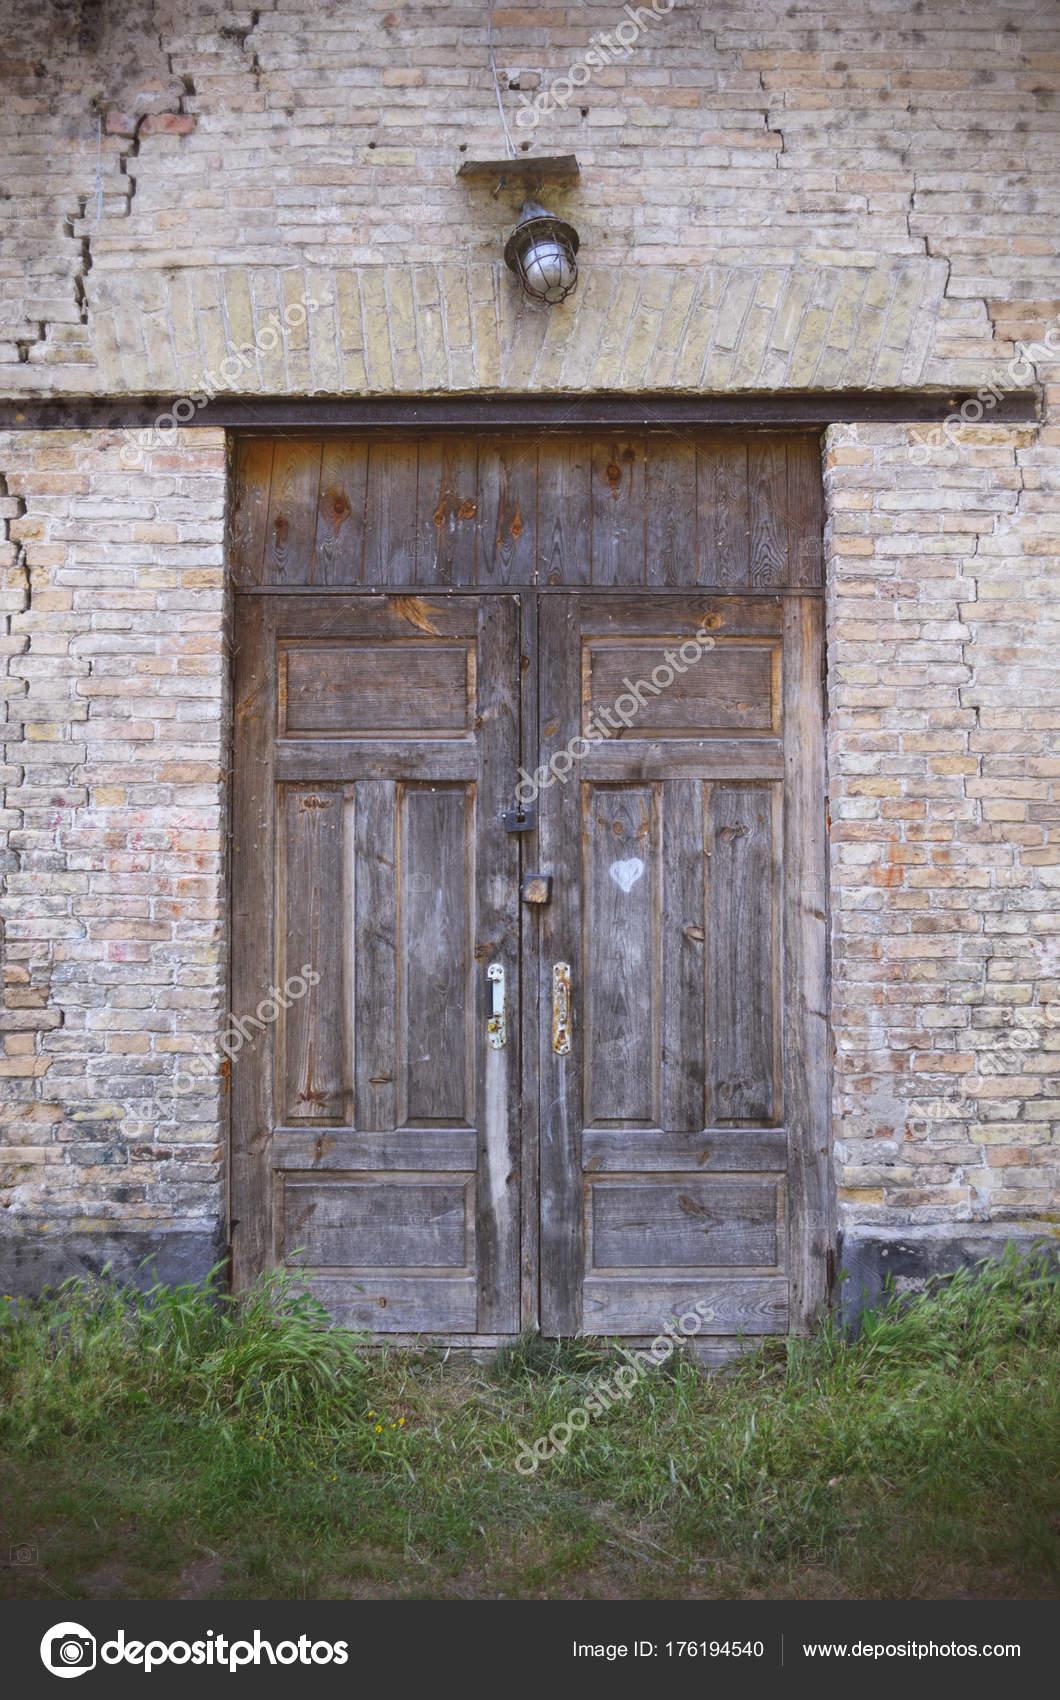 alte holztüren. eingang zur verlassenen gebäude aus ziegelstein